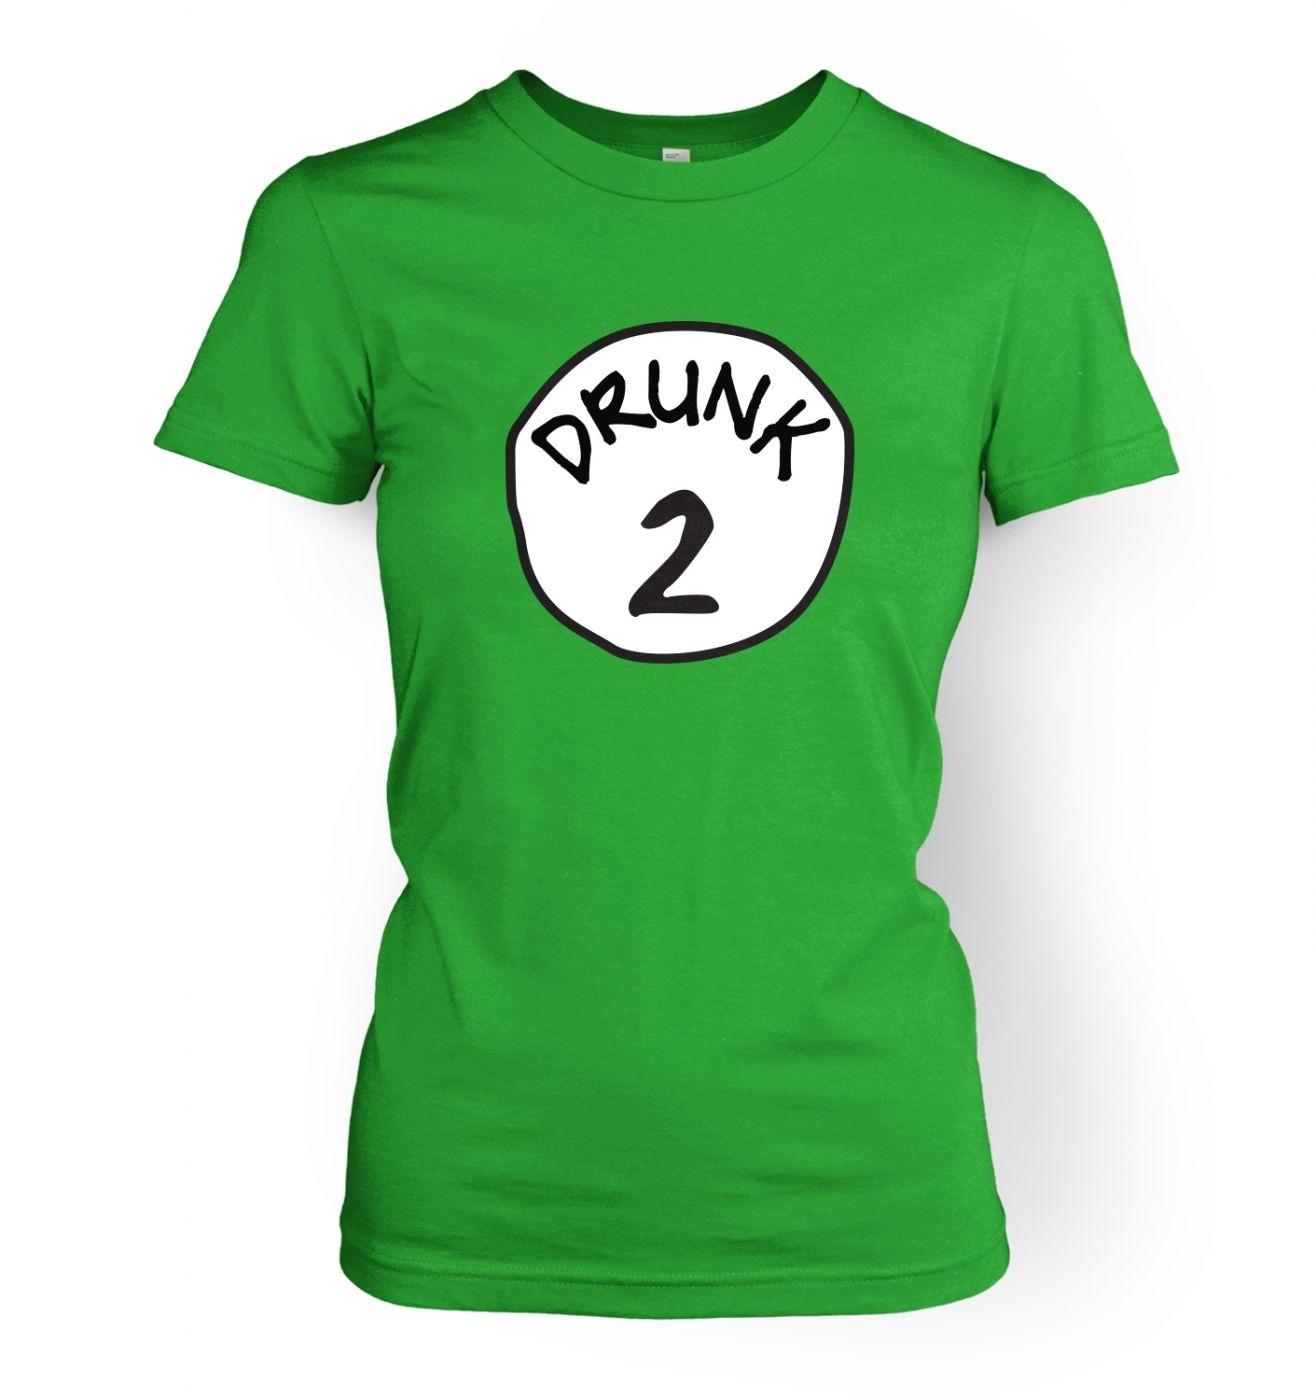 Drunk 2 women's t-shirt